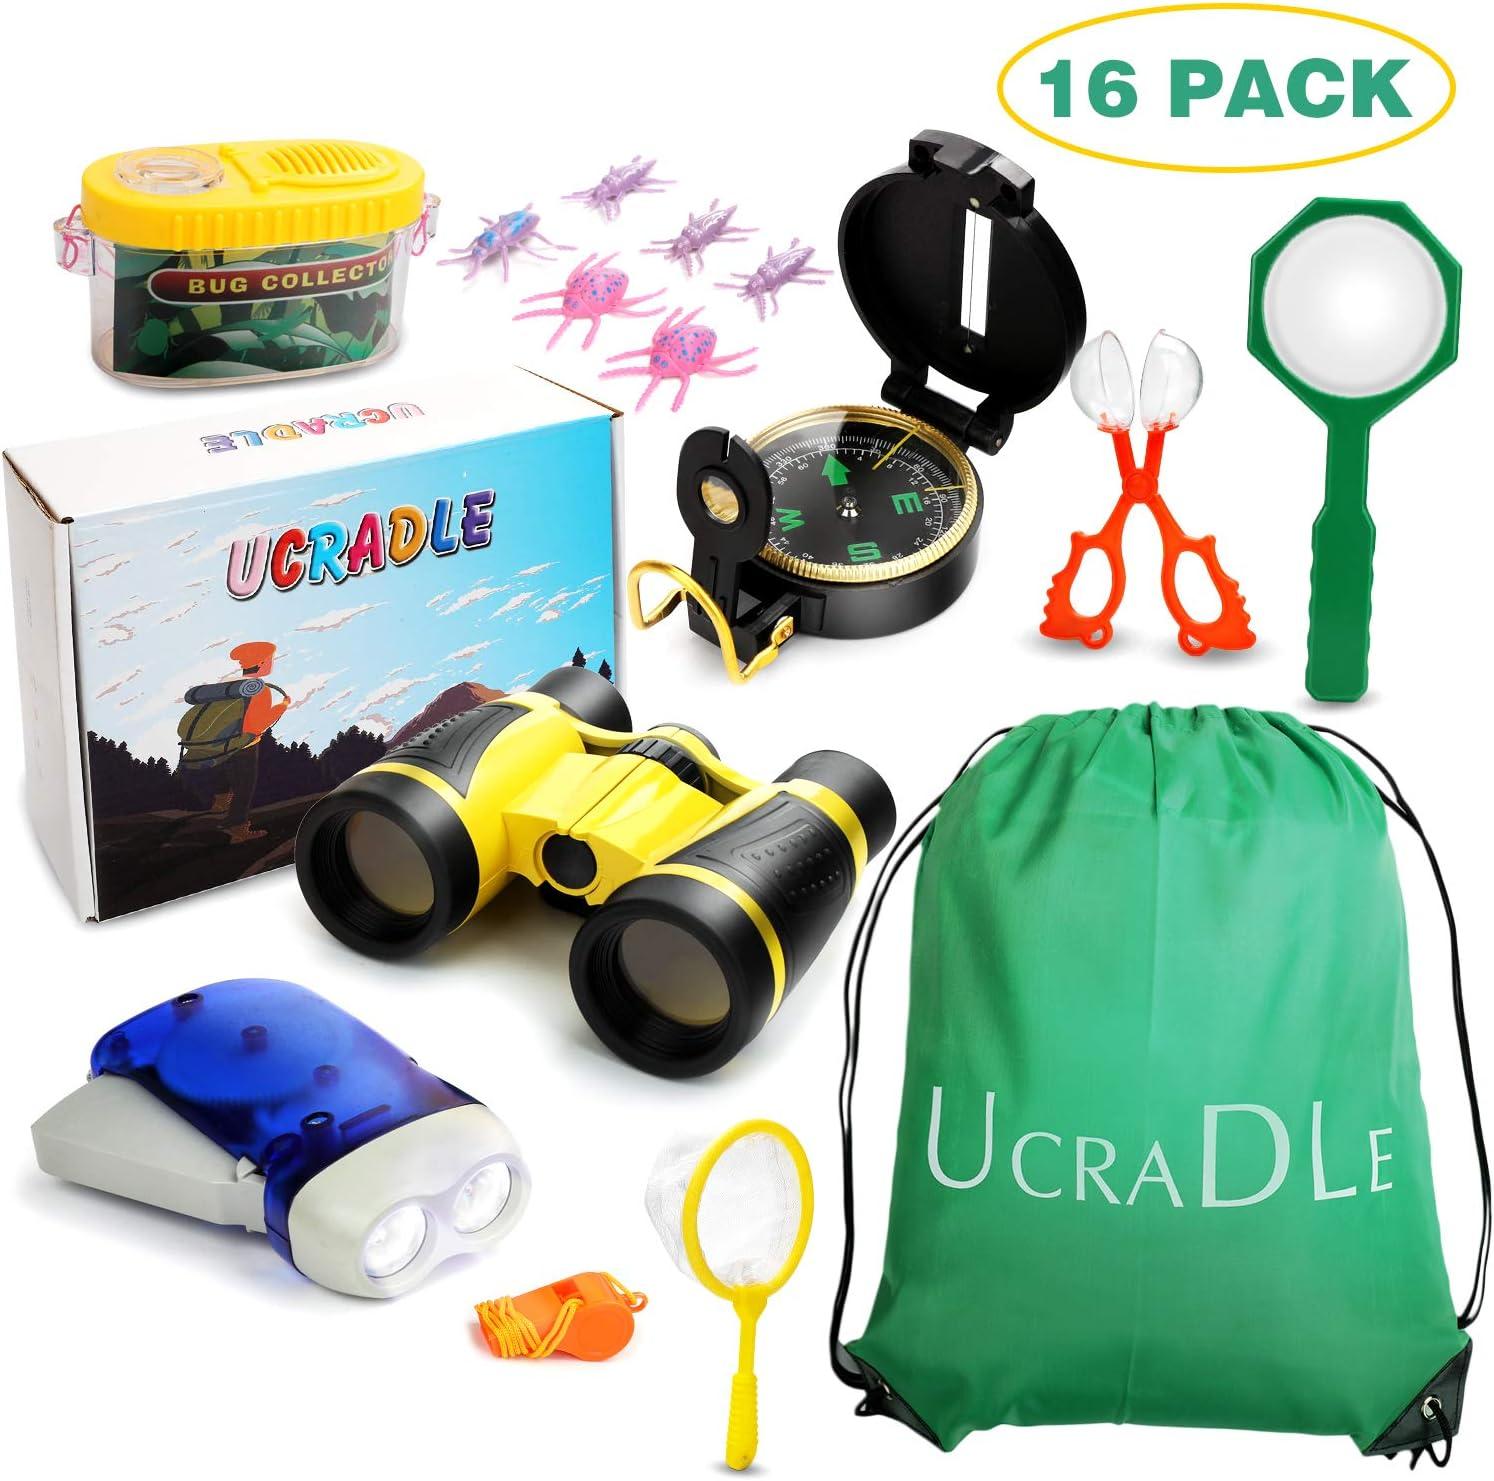 Ucradle Outdoor Explorer Kit, 15Pcs Adventure Explorer Set para niños niños con Brújula Binocular Linterna Lupa, Obsequio de Aventura y Exploración Juguetes Divertidos para 3-12 niños y niñas: Amazon.es: Juguetes y juegos